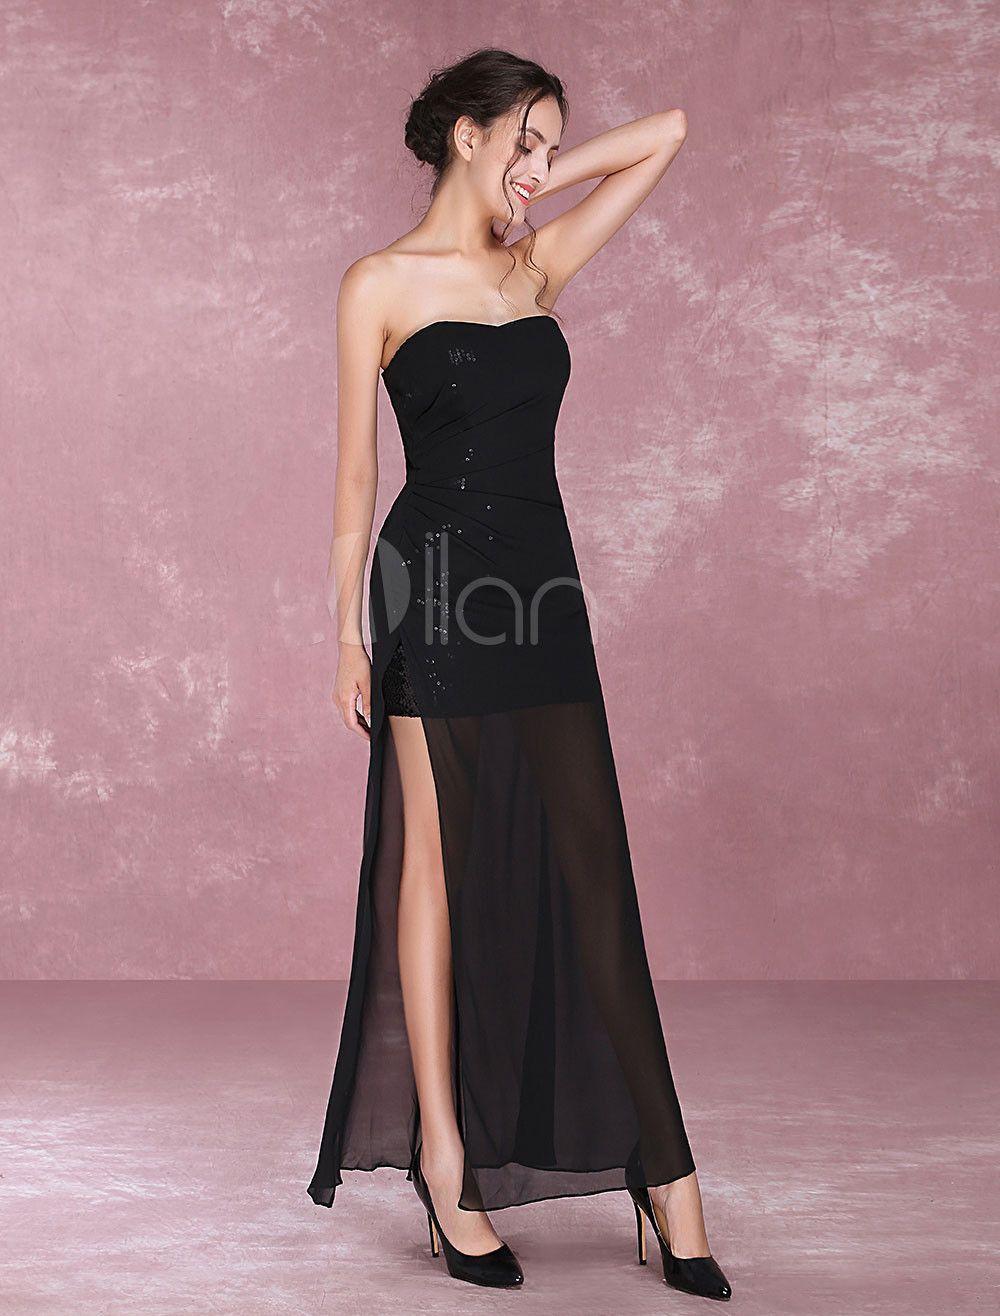 Cheap выпускные платья высокого разреза платье сексуальные черные блестки вечерние платья длинные сексуальные шифоновые вечерние платья партии платья оптом